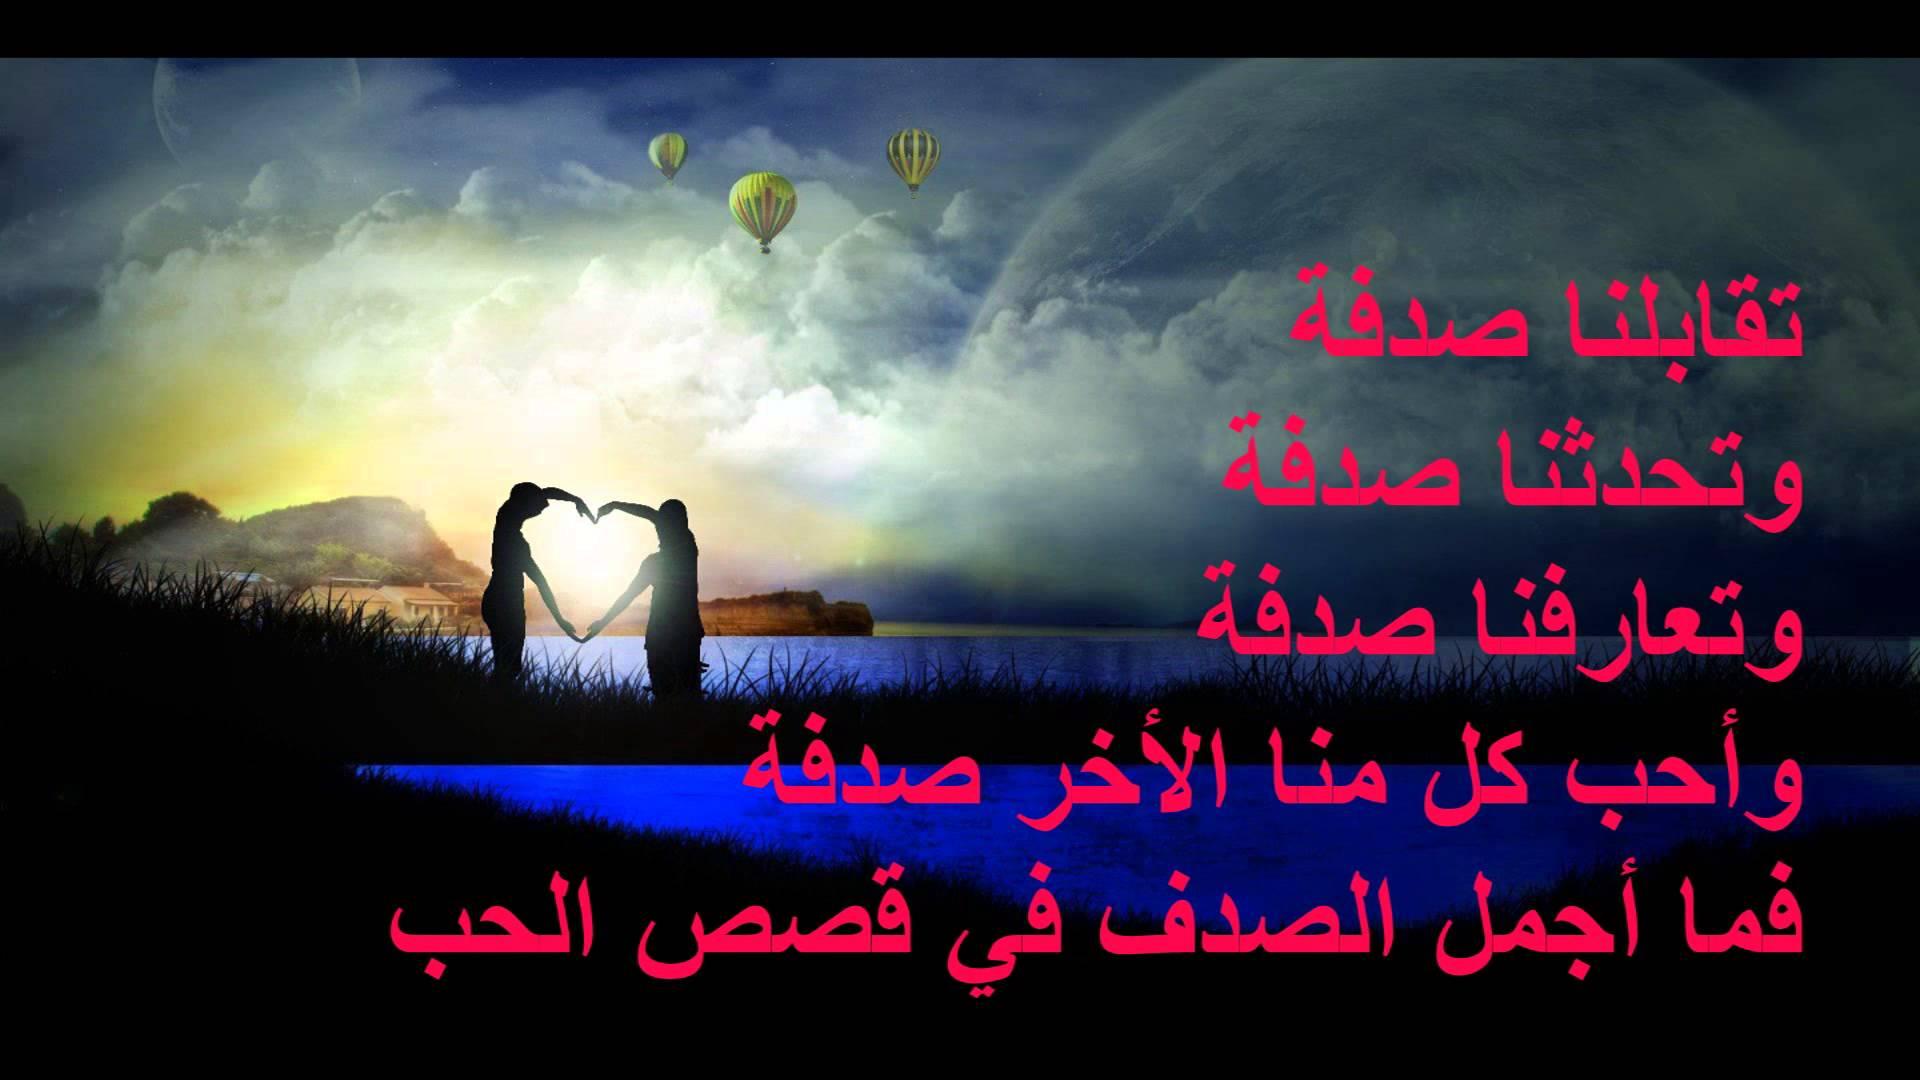 صورة كلمات في الحب والغرام والعشق احلى كلام في الحب , كلام رومانسي